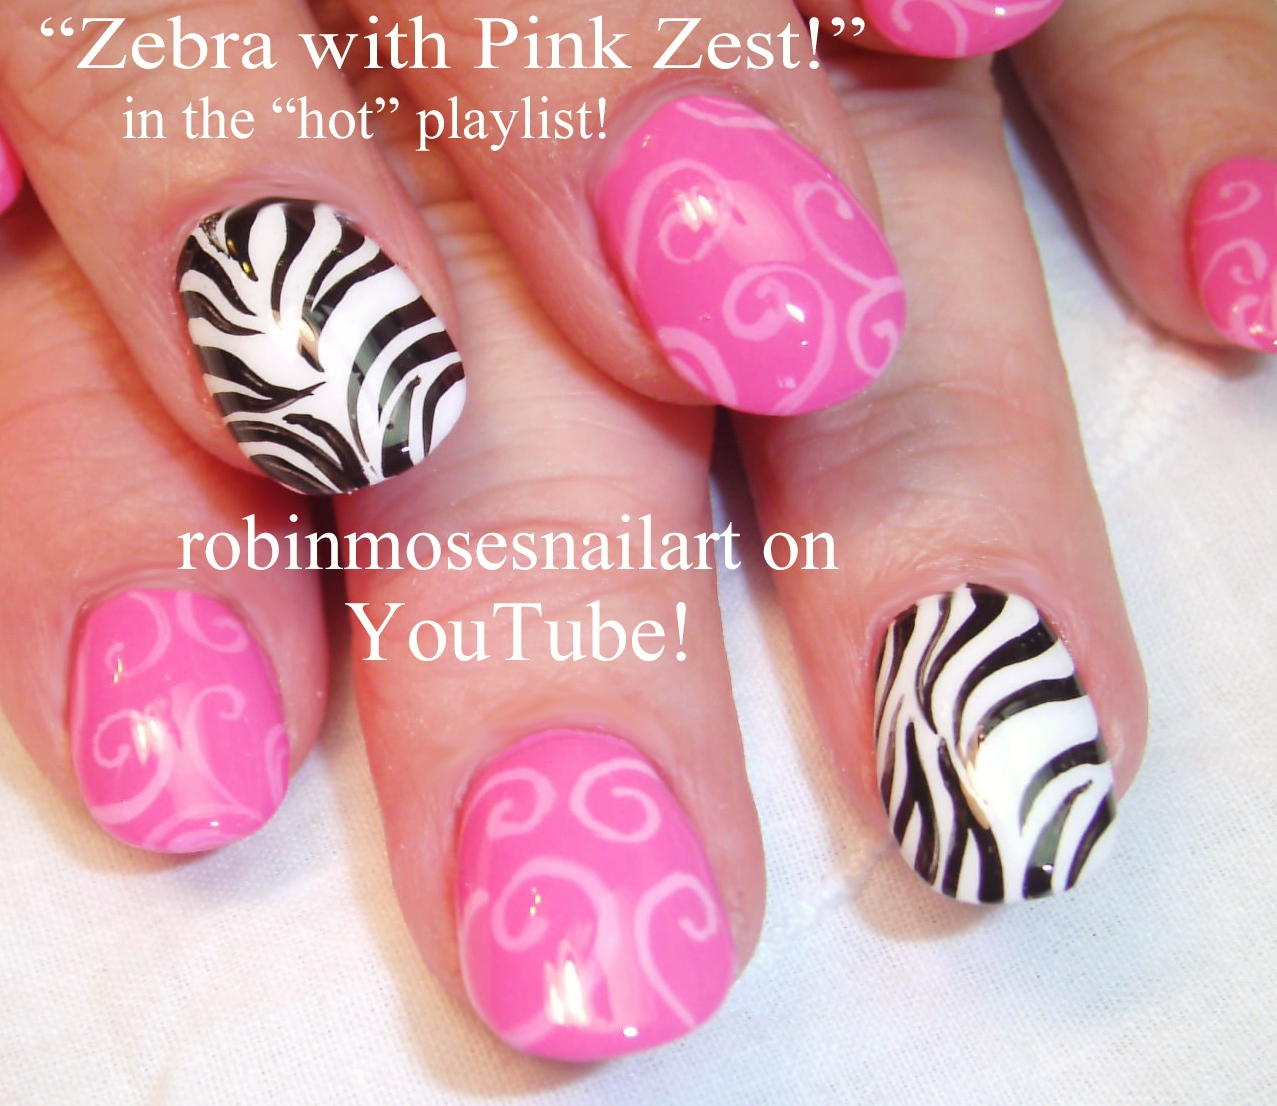 Pink zebra nails nails pinterest - Robin Moses Nail Art Hot Pink Nails With Black And Silver Zebra Pink Zebra Nail